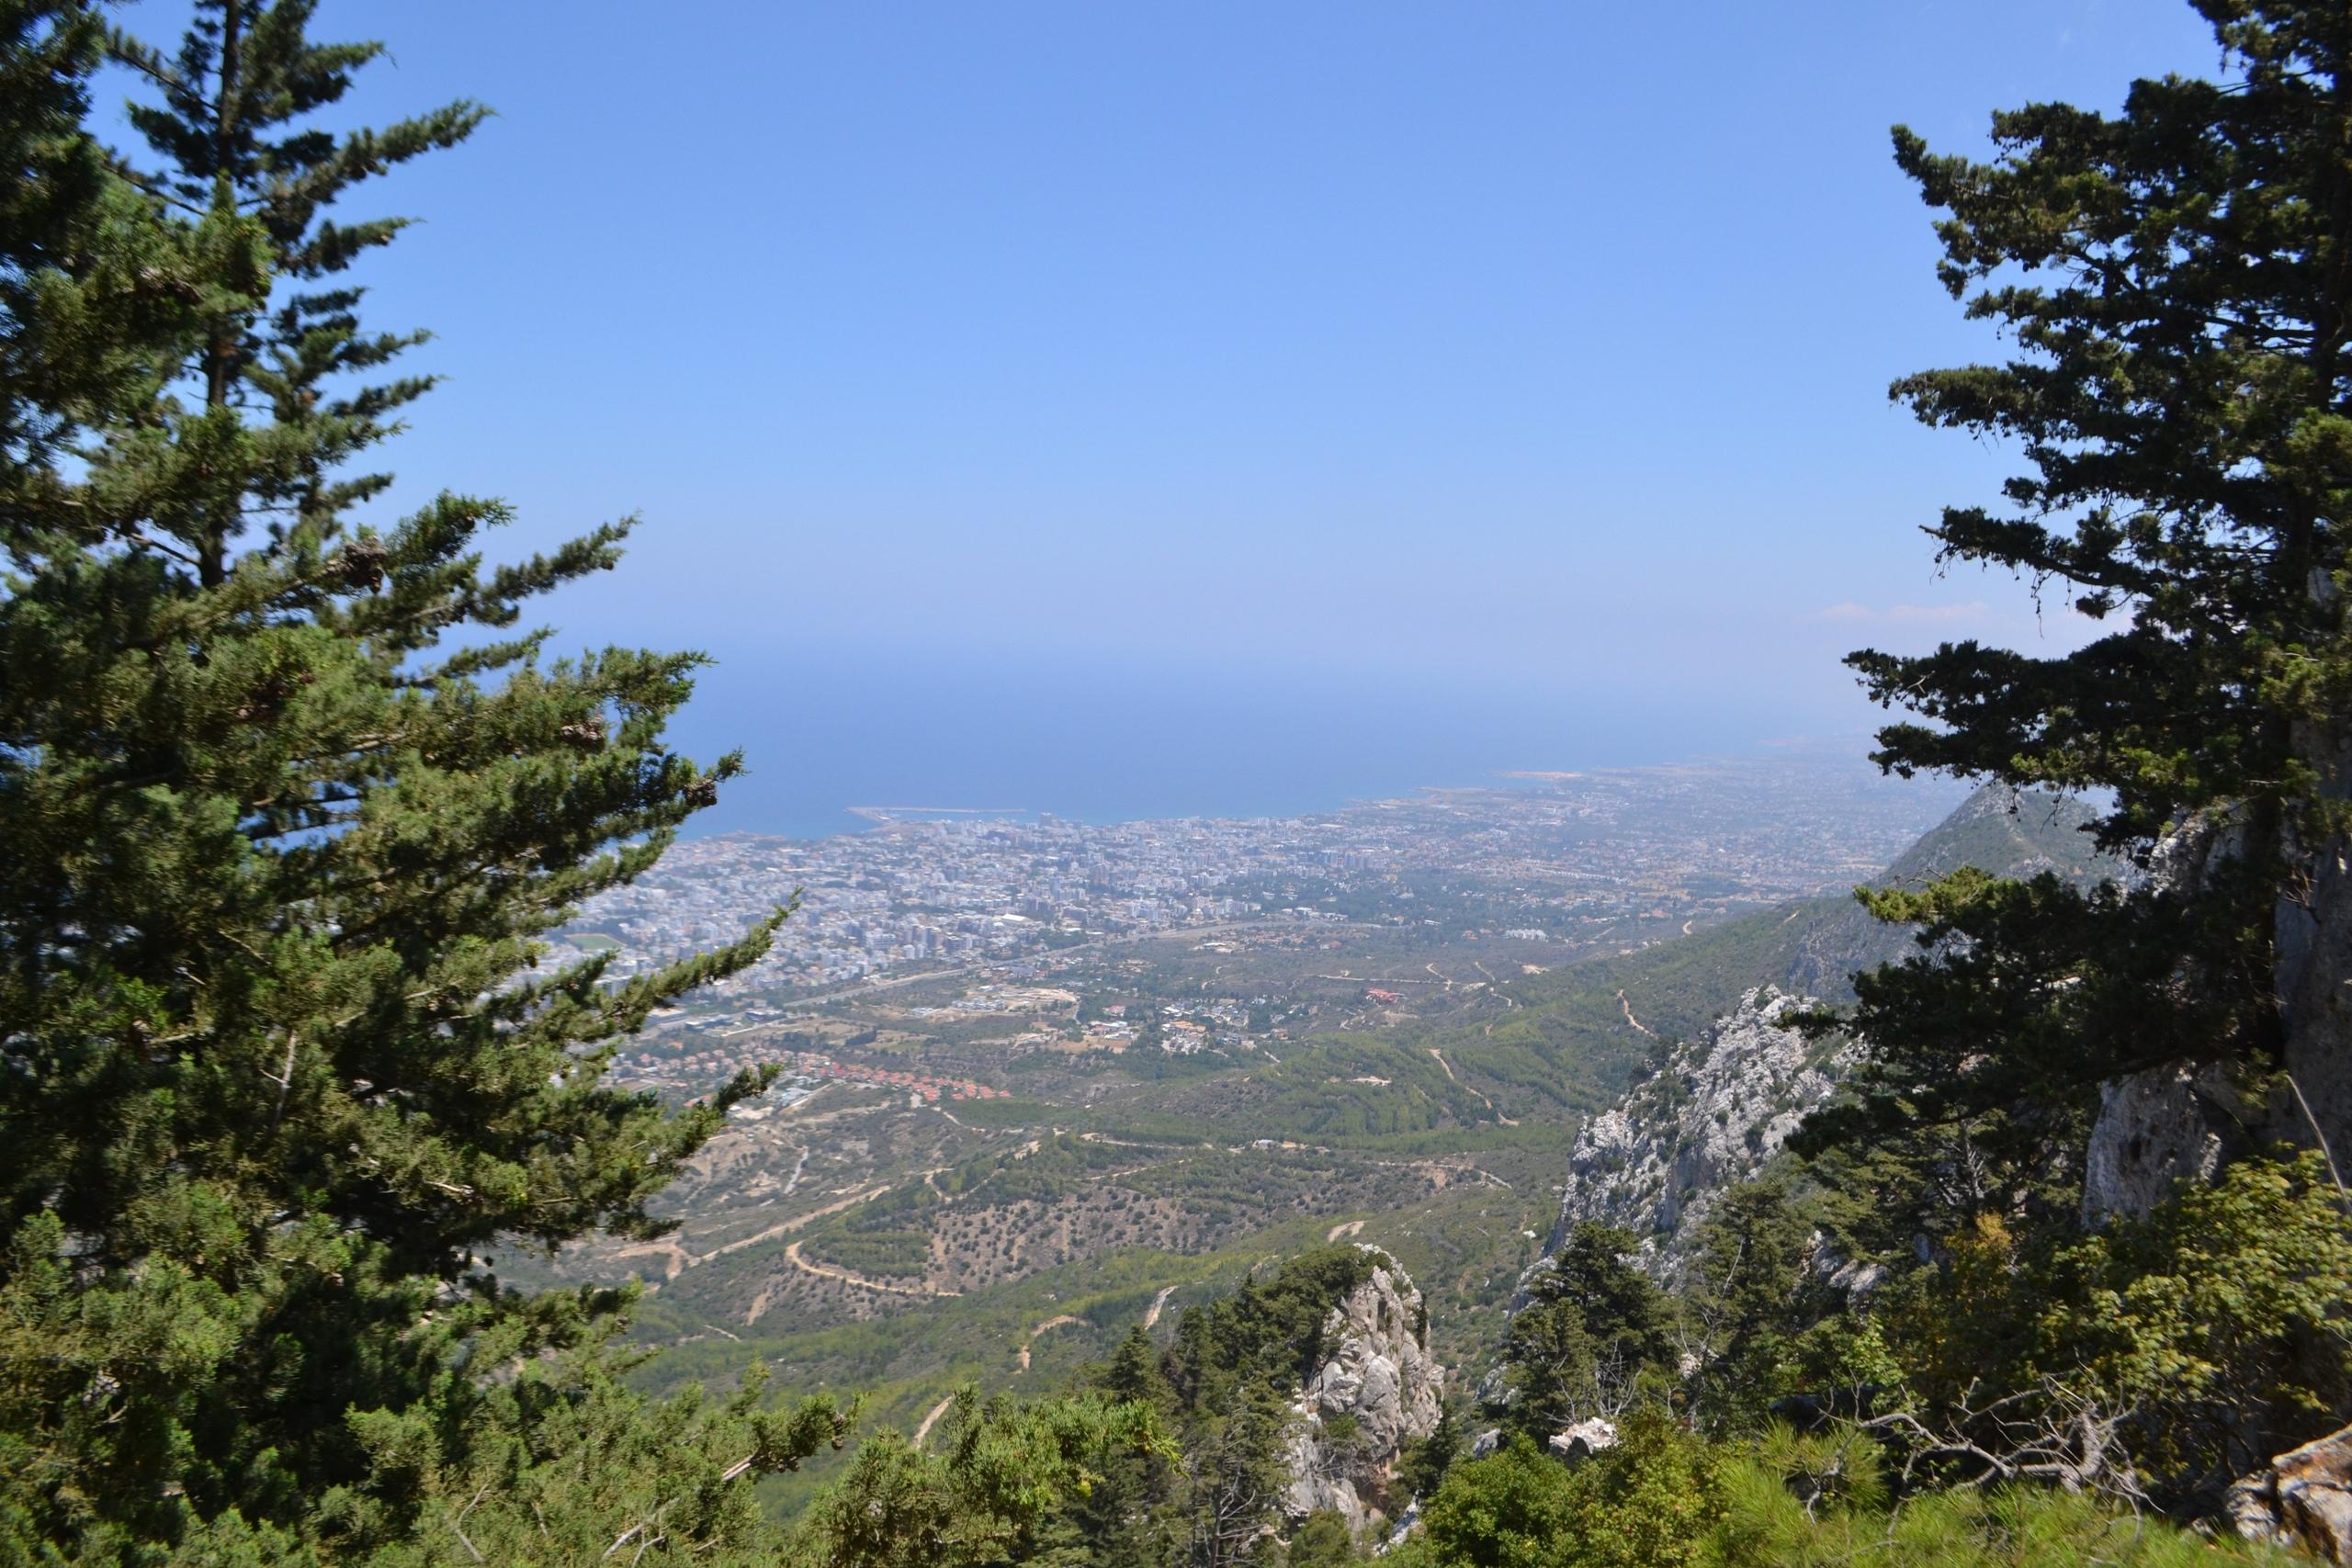 Северный Кипр. Замок Святого Иллариона. (фото). - Страница 2 AgohaU0NqKE